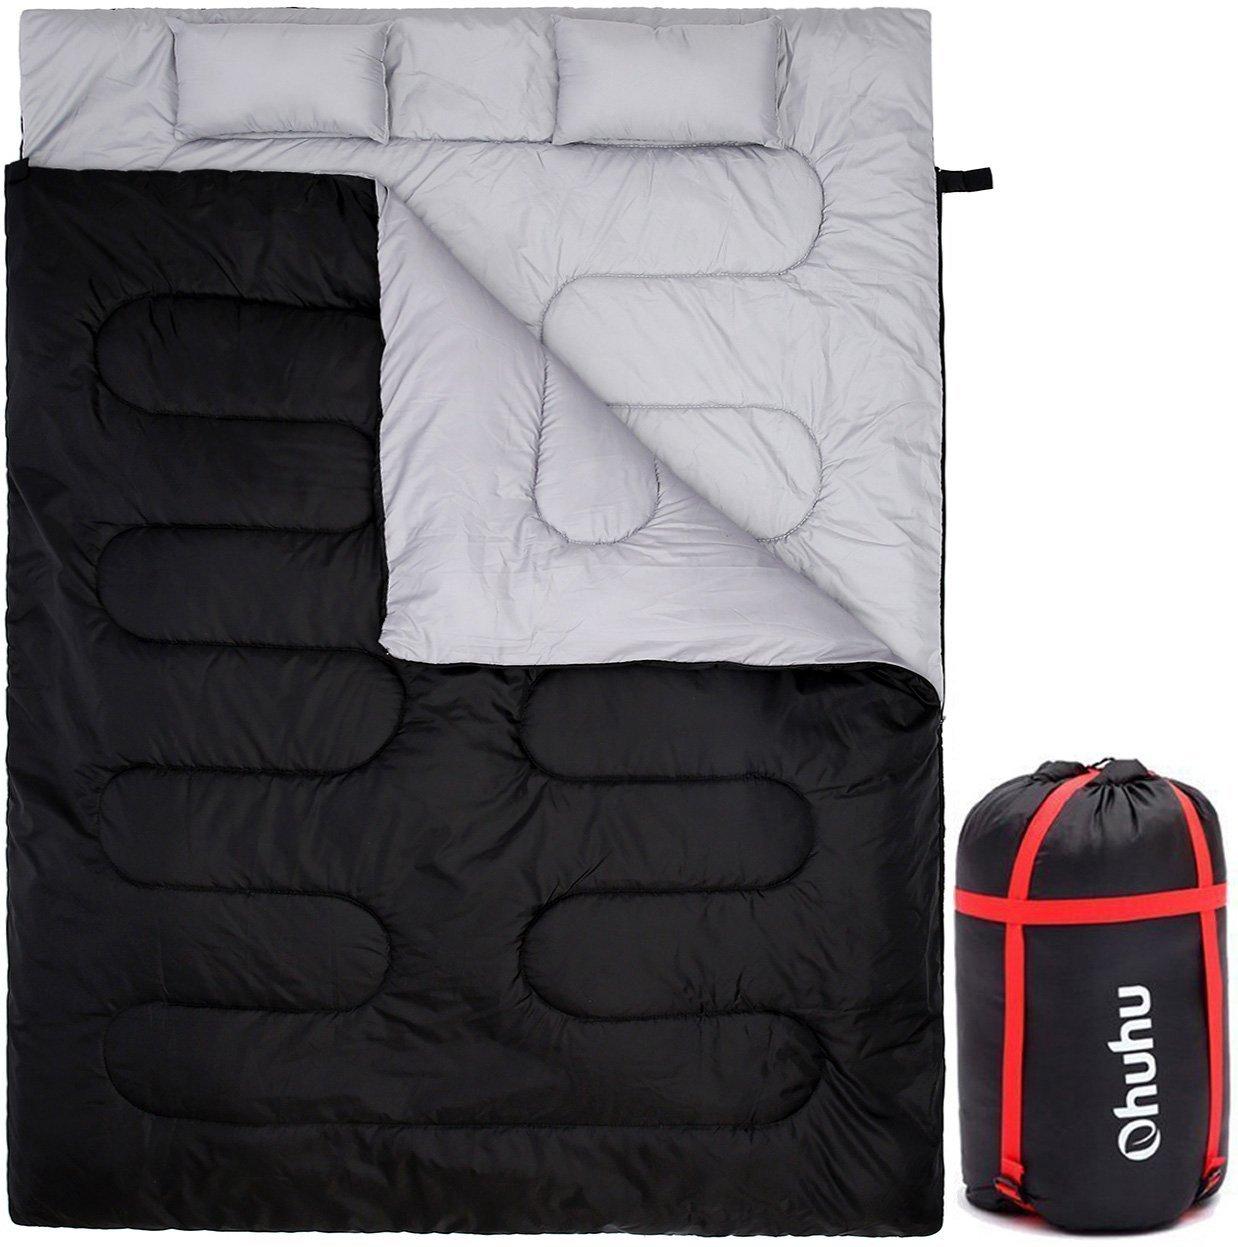 OhuhuダブルSleeping Bag with 2枕and aキャリーバッグキャンプ、バックパッキング、ハイキング B00T4BHYLY ブラック ブラック